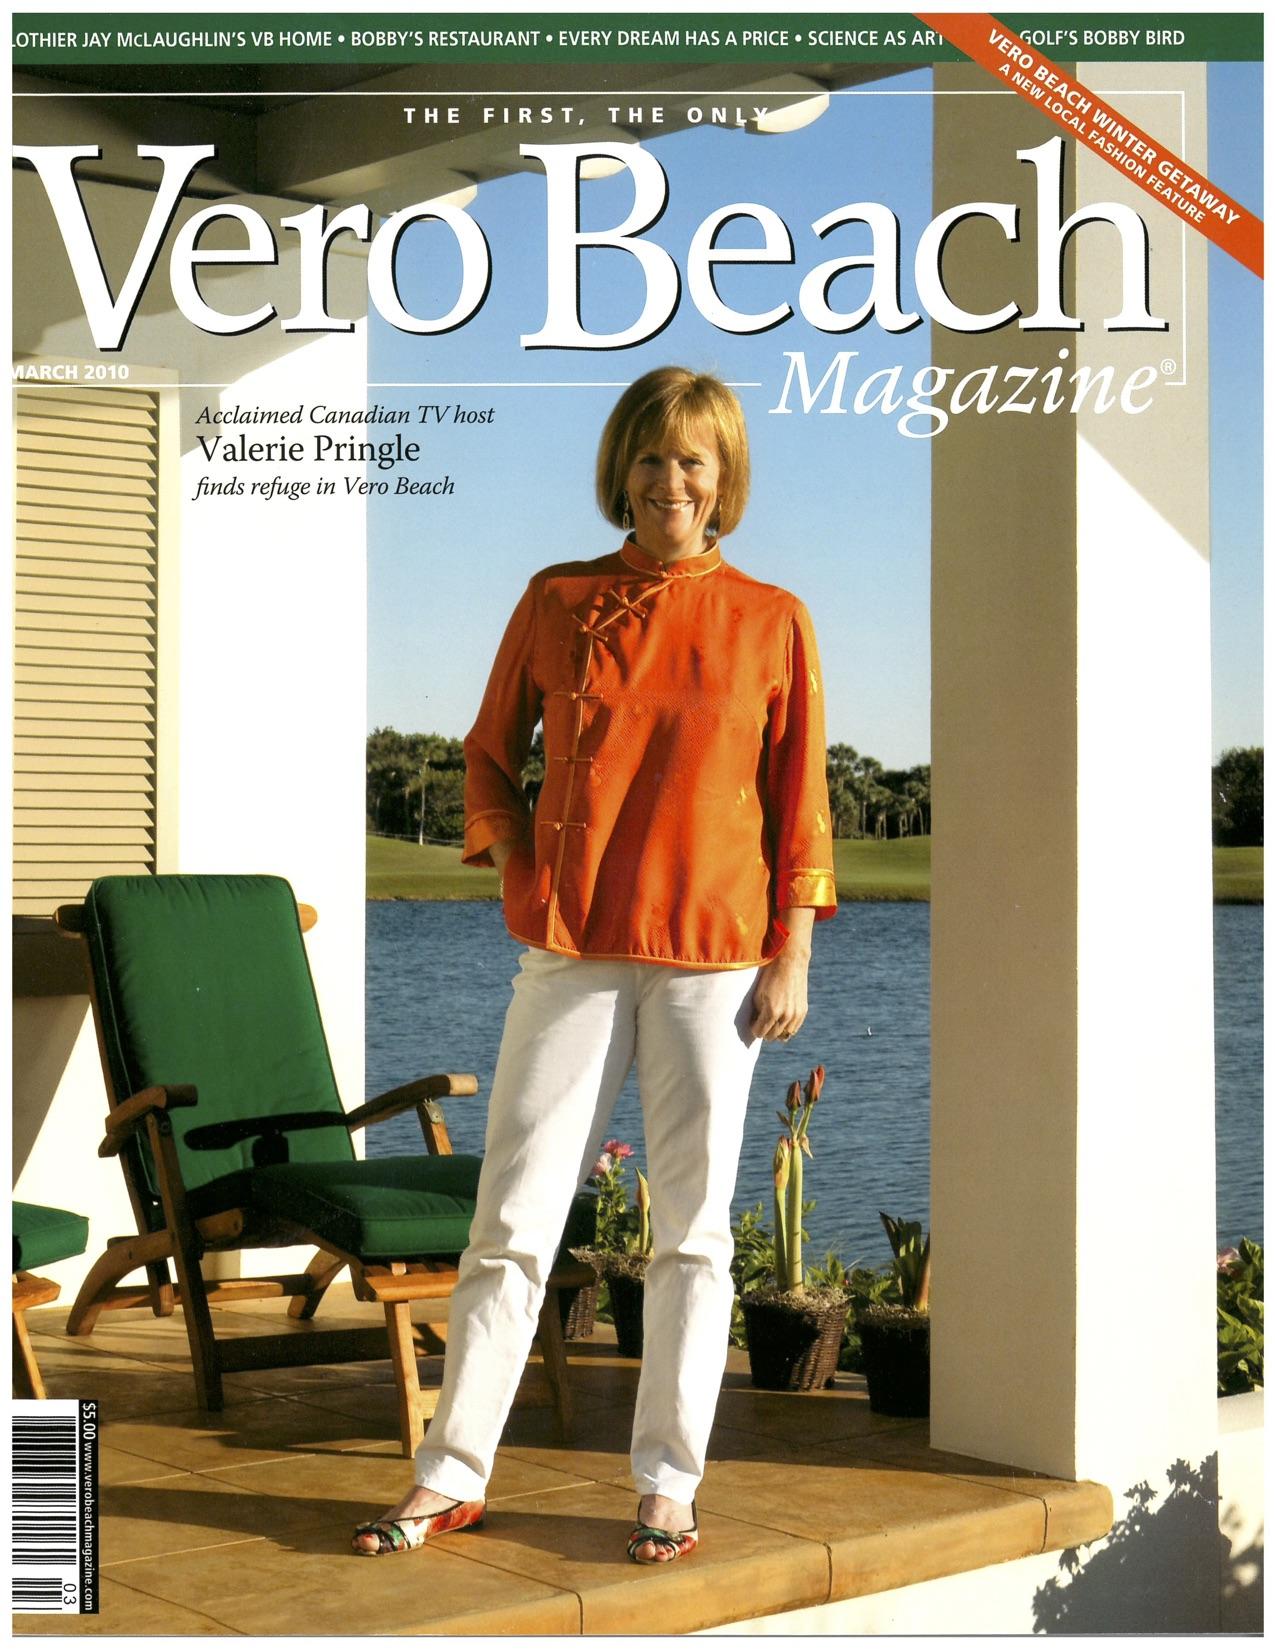 Vero Beach Magazine